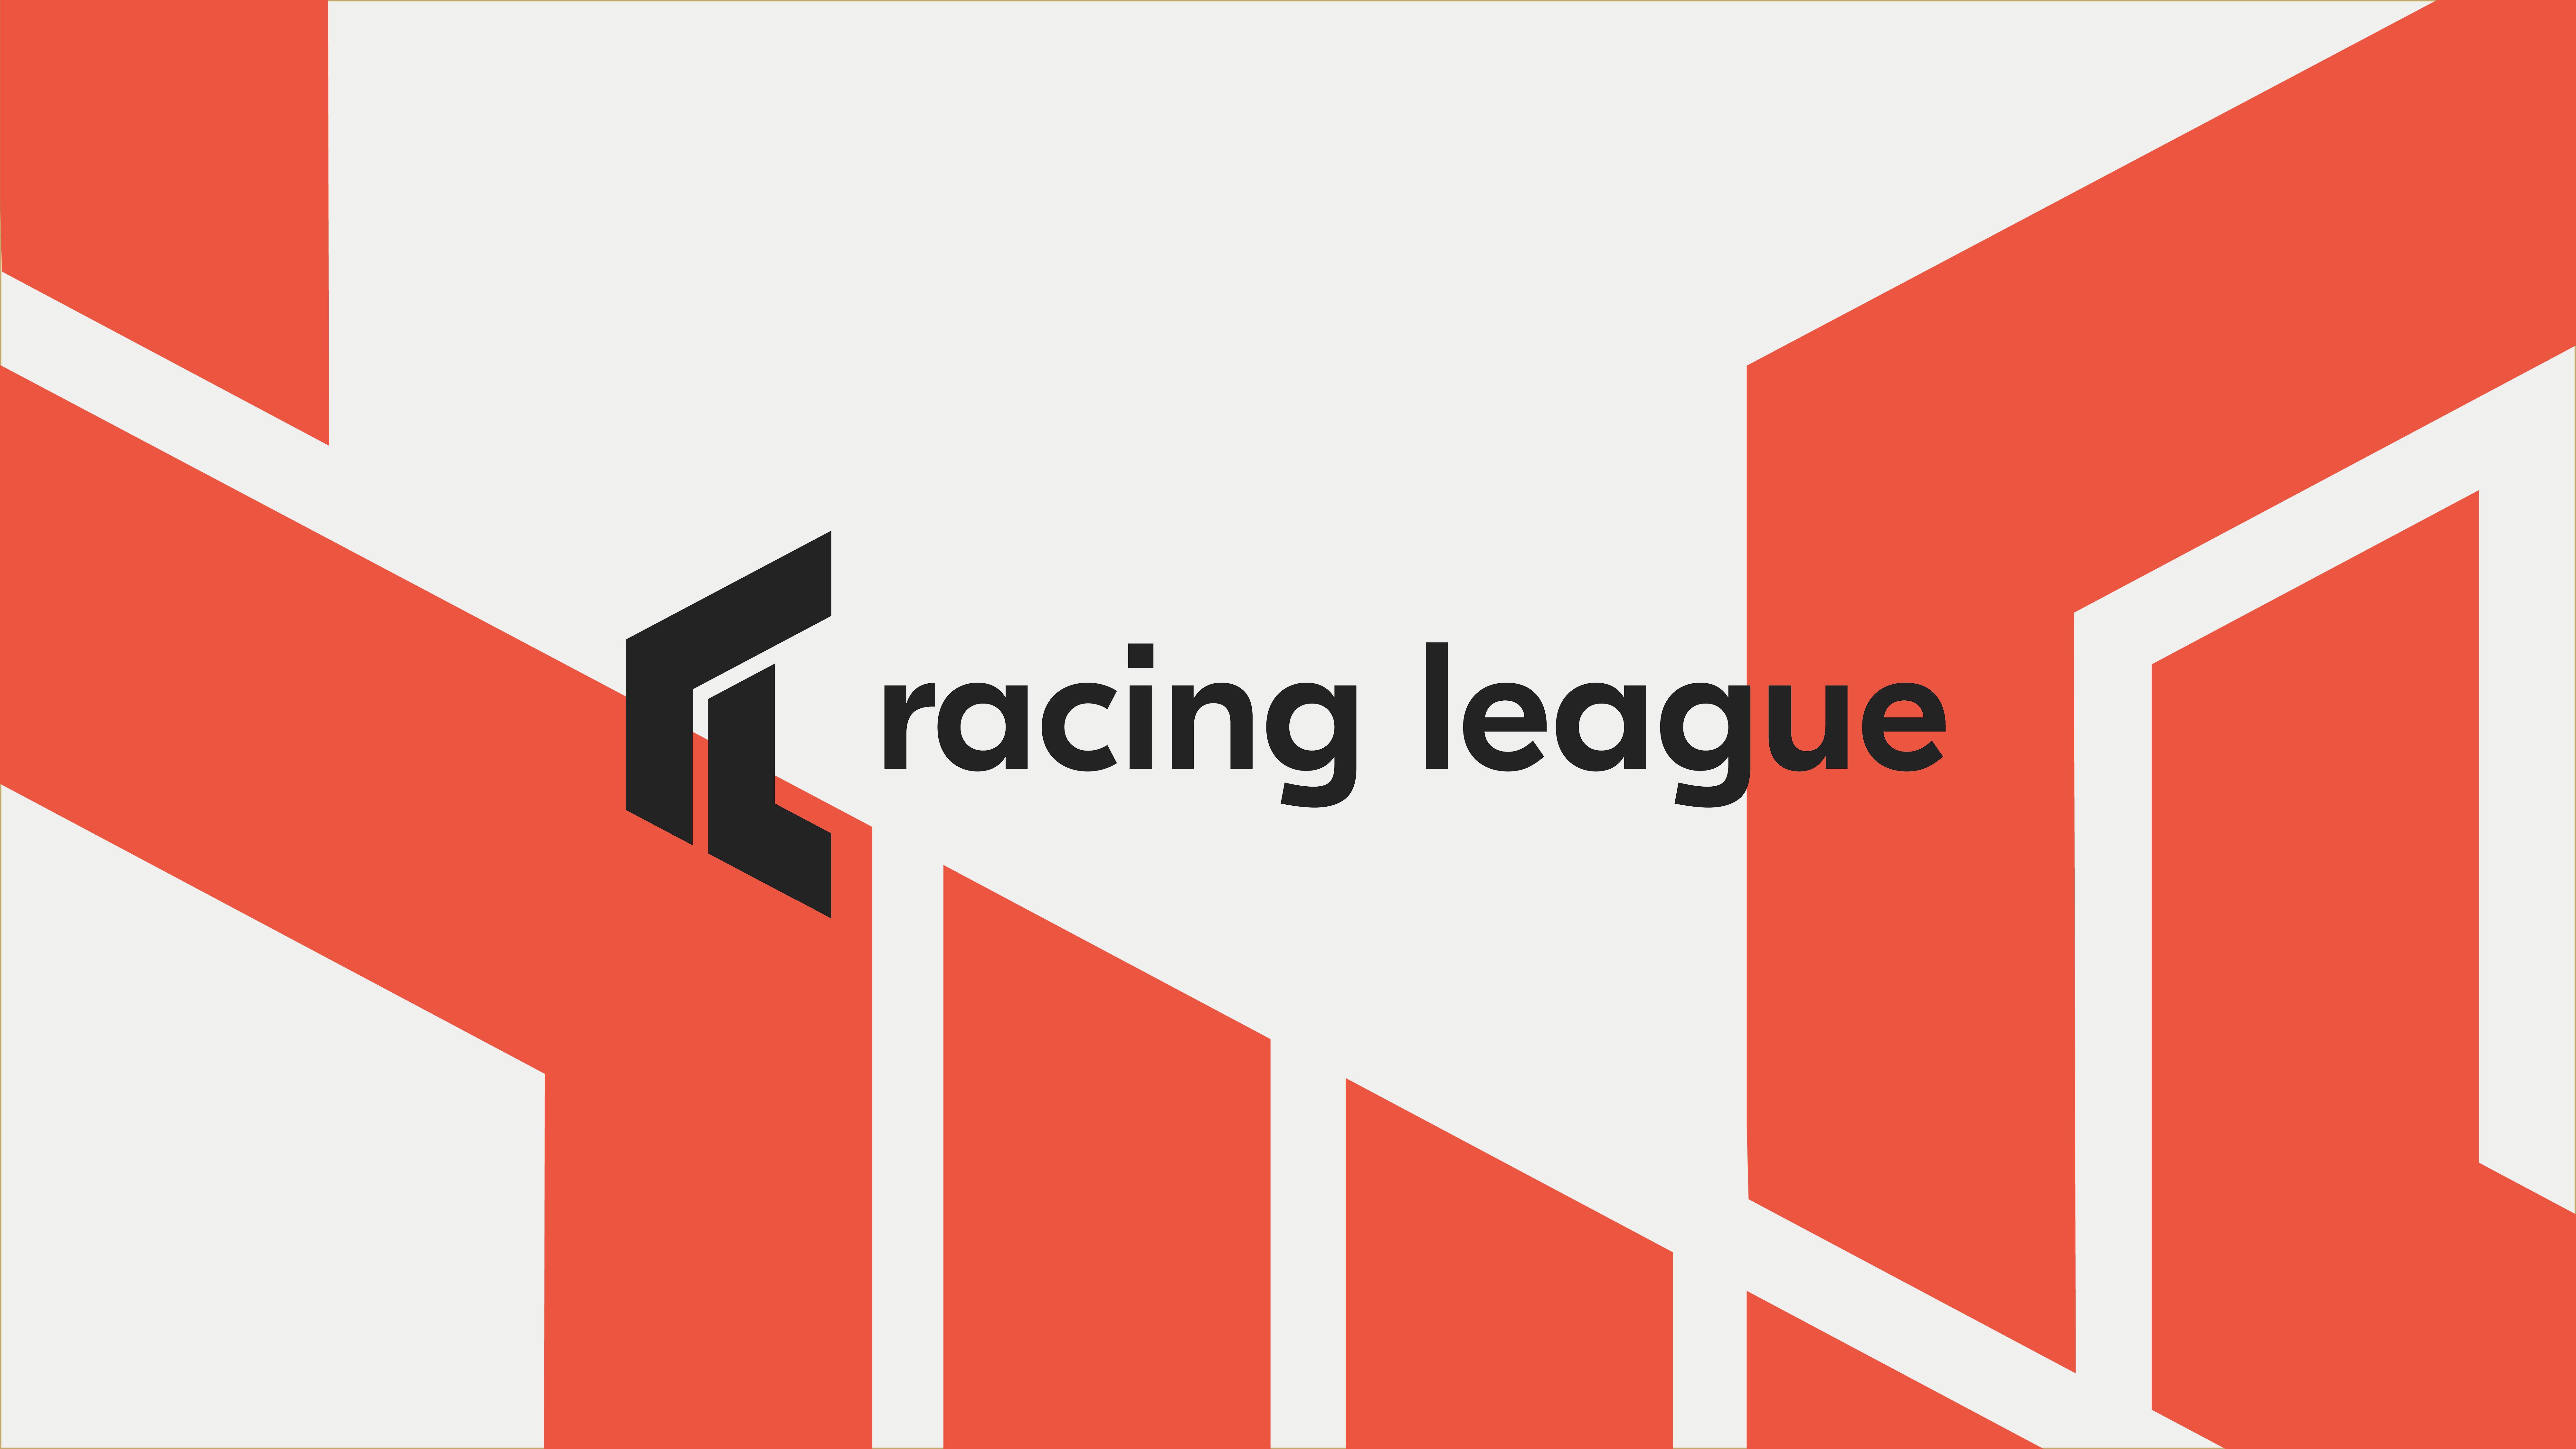 Racing League postponed until July 2021